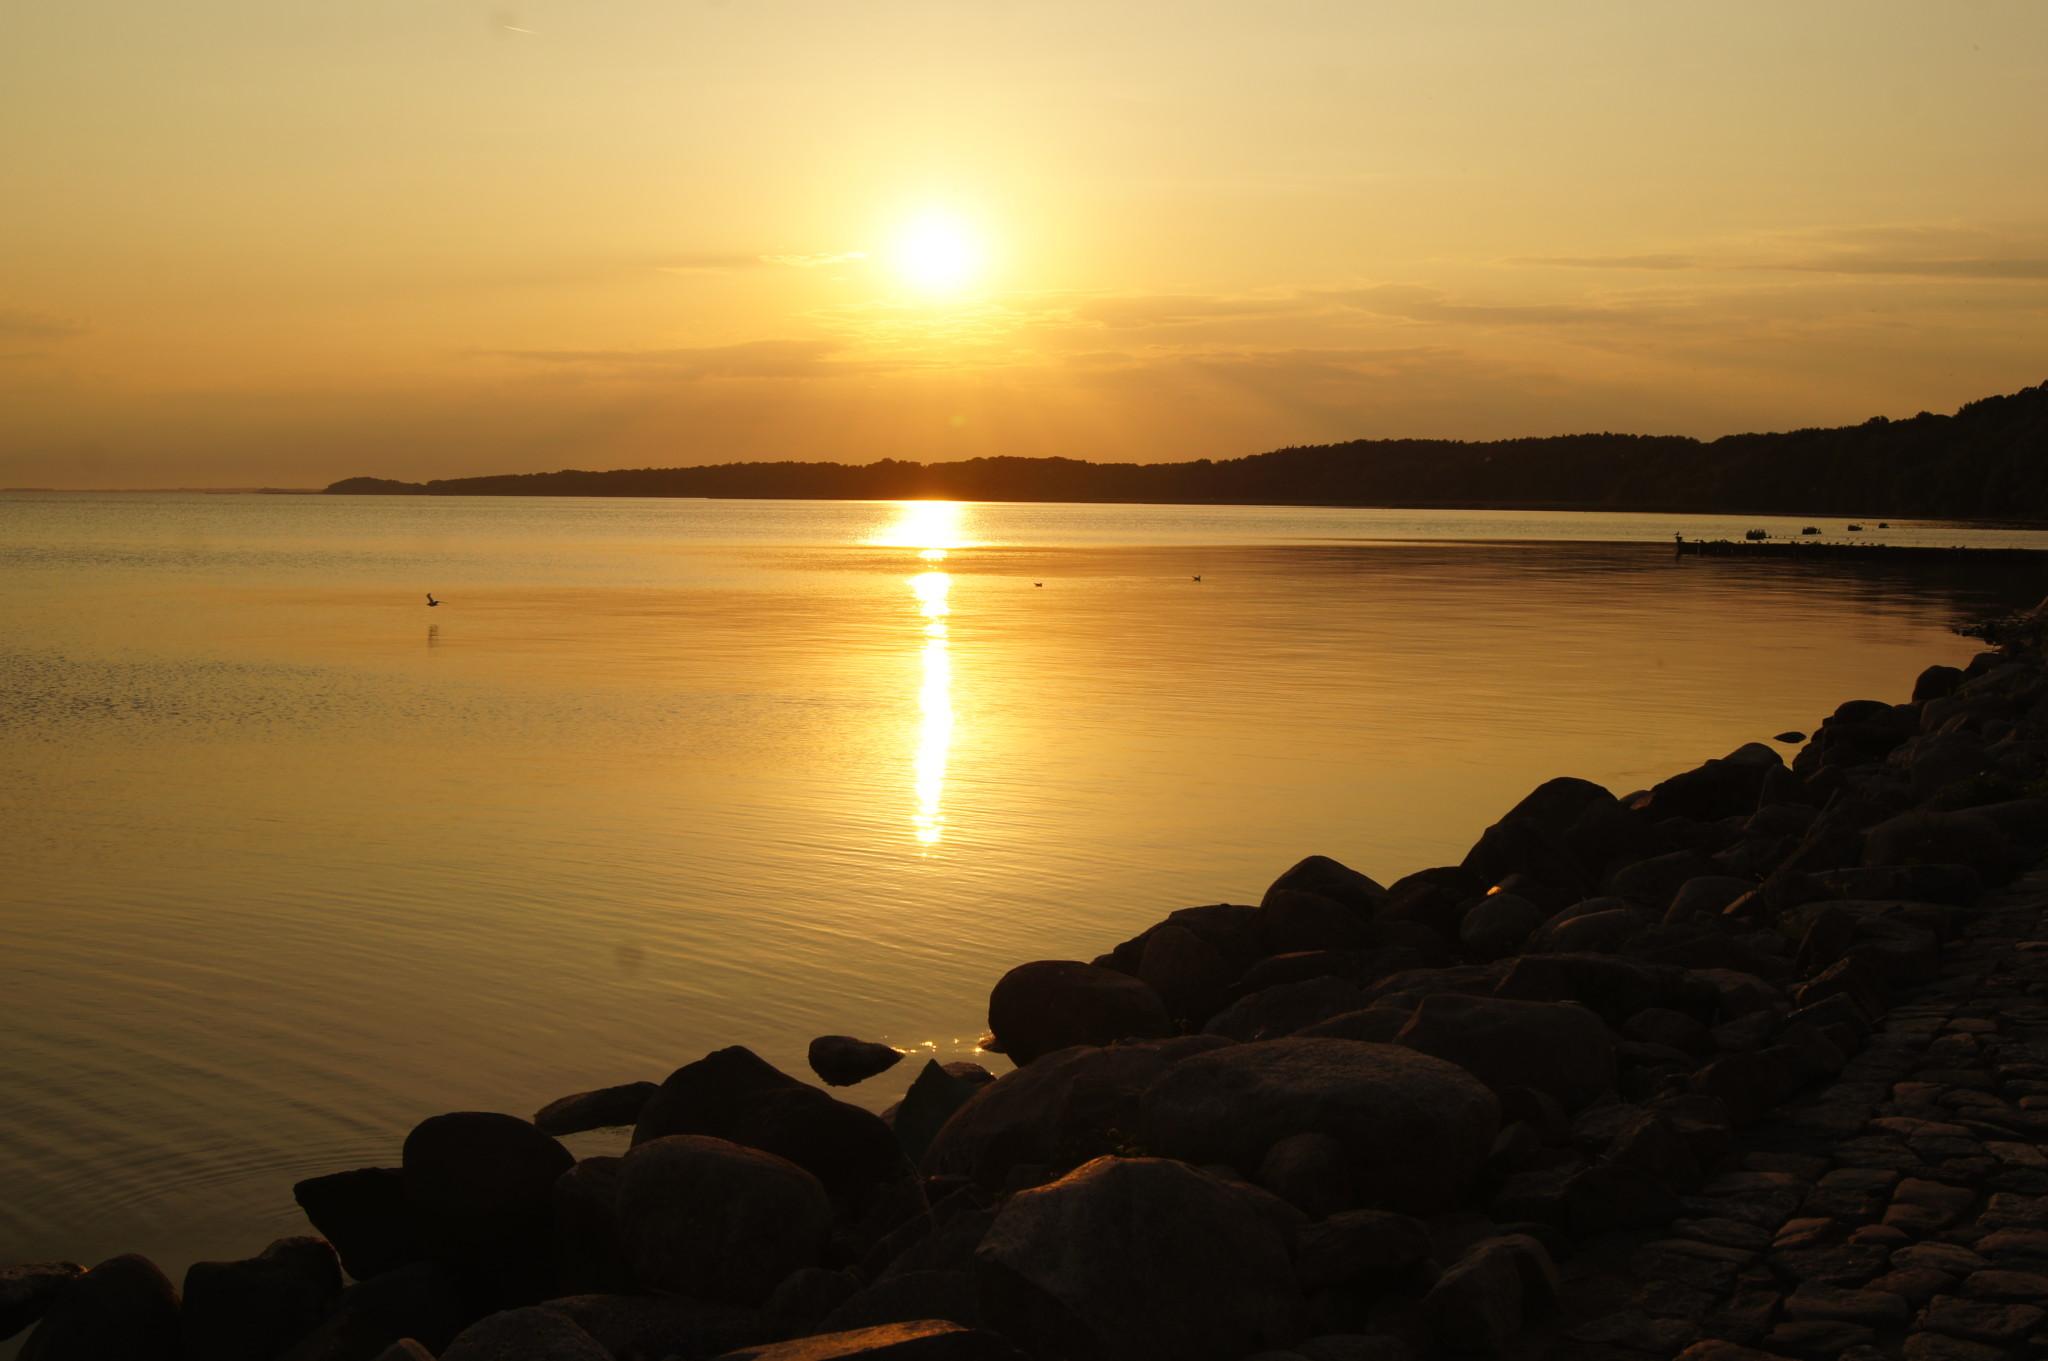 Reiseziele in Deutschland: Insel Usedom